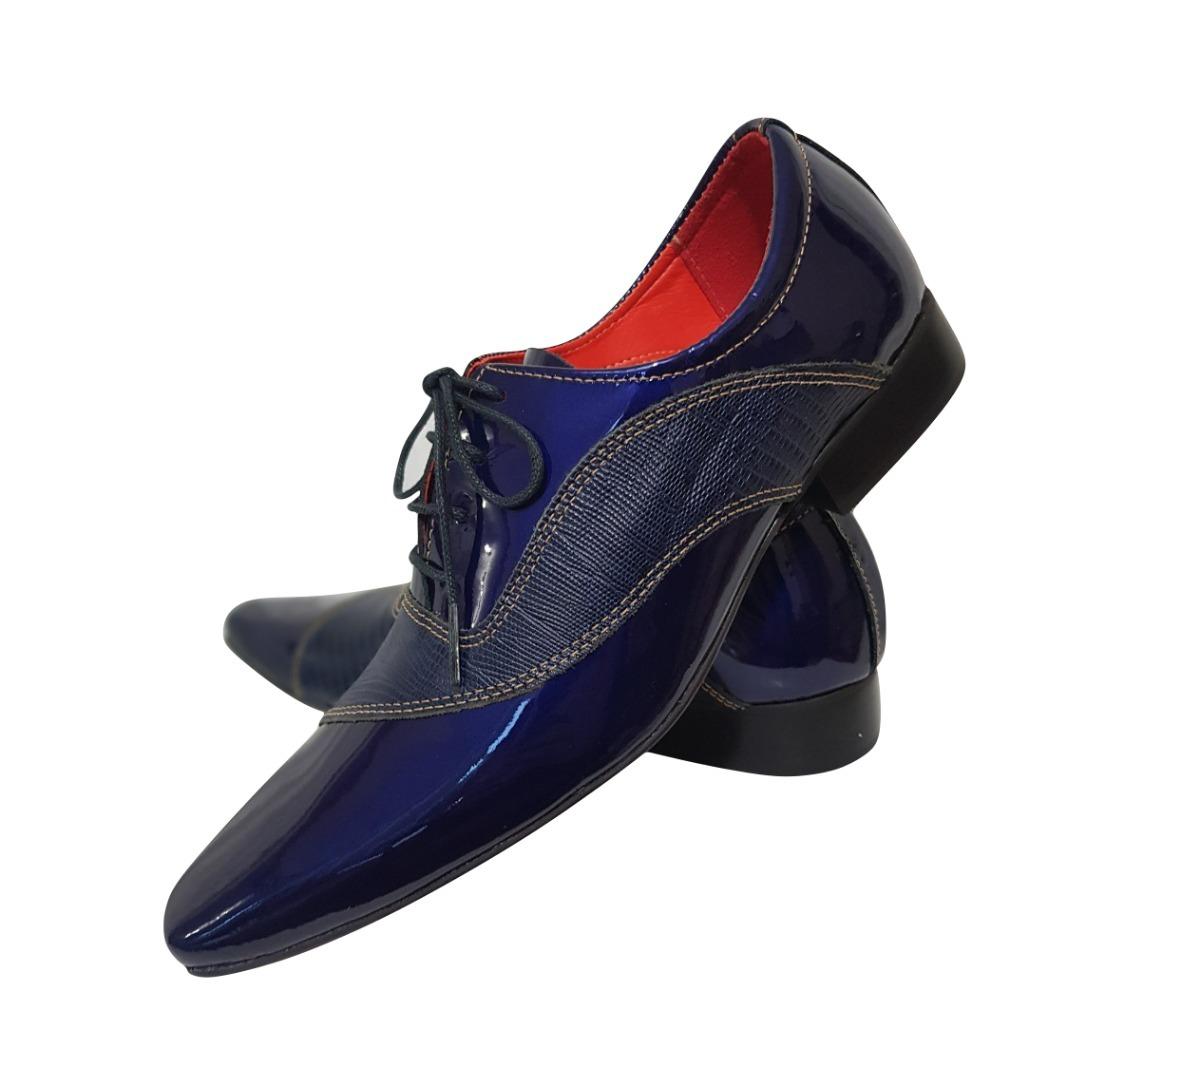 be3b503eb0 Sapato Masculino Em Couro Azul Verniz Ref  689 - R  289